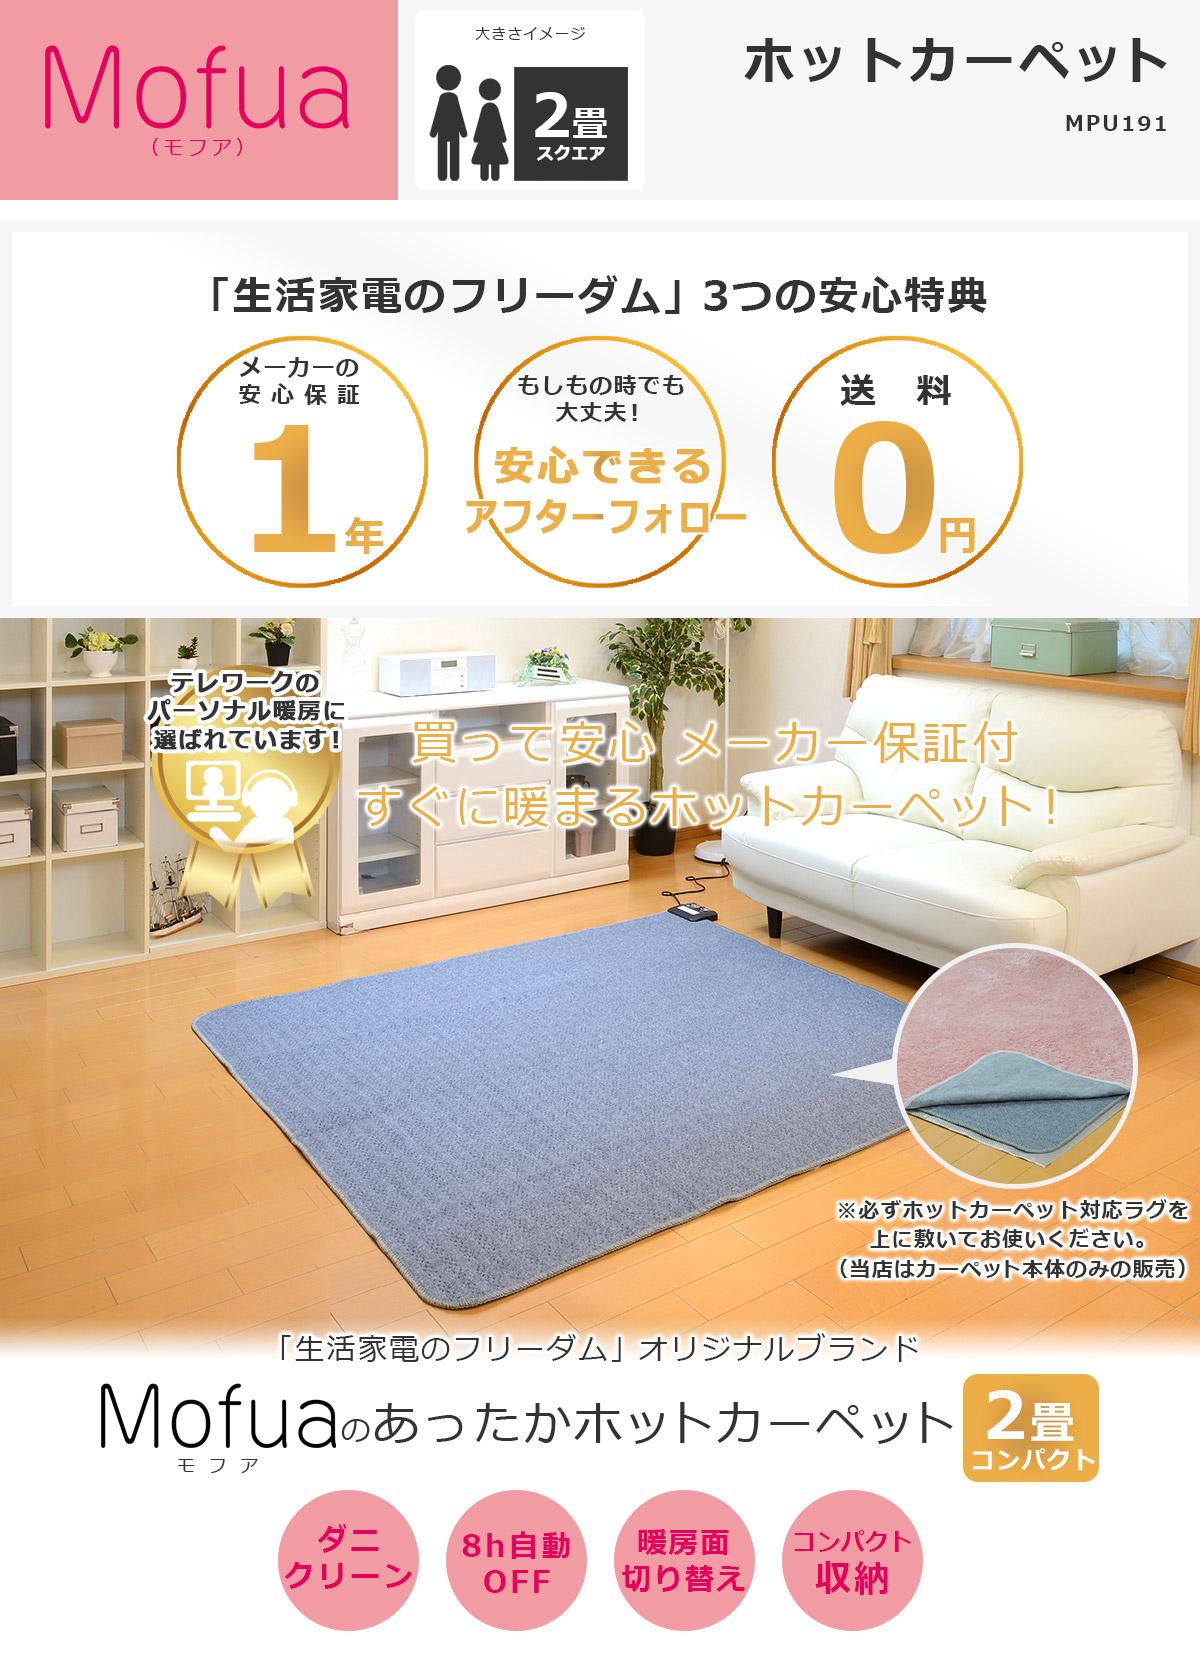 Mofua(モフア)